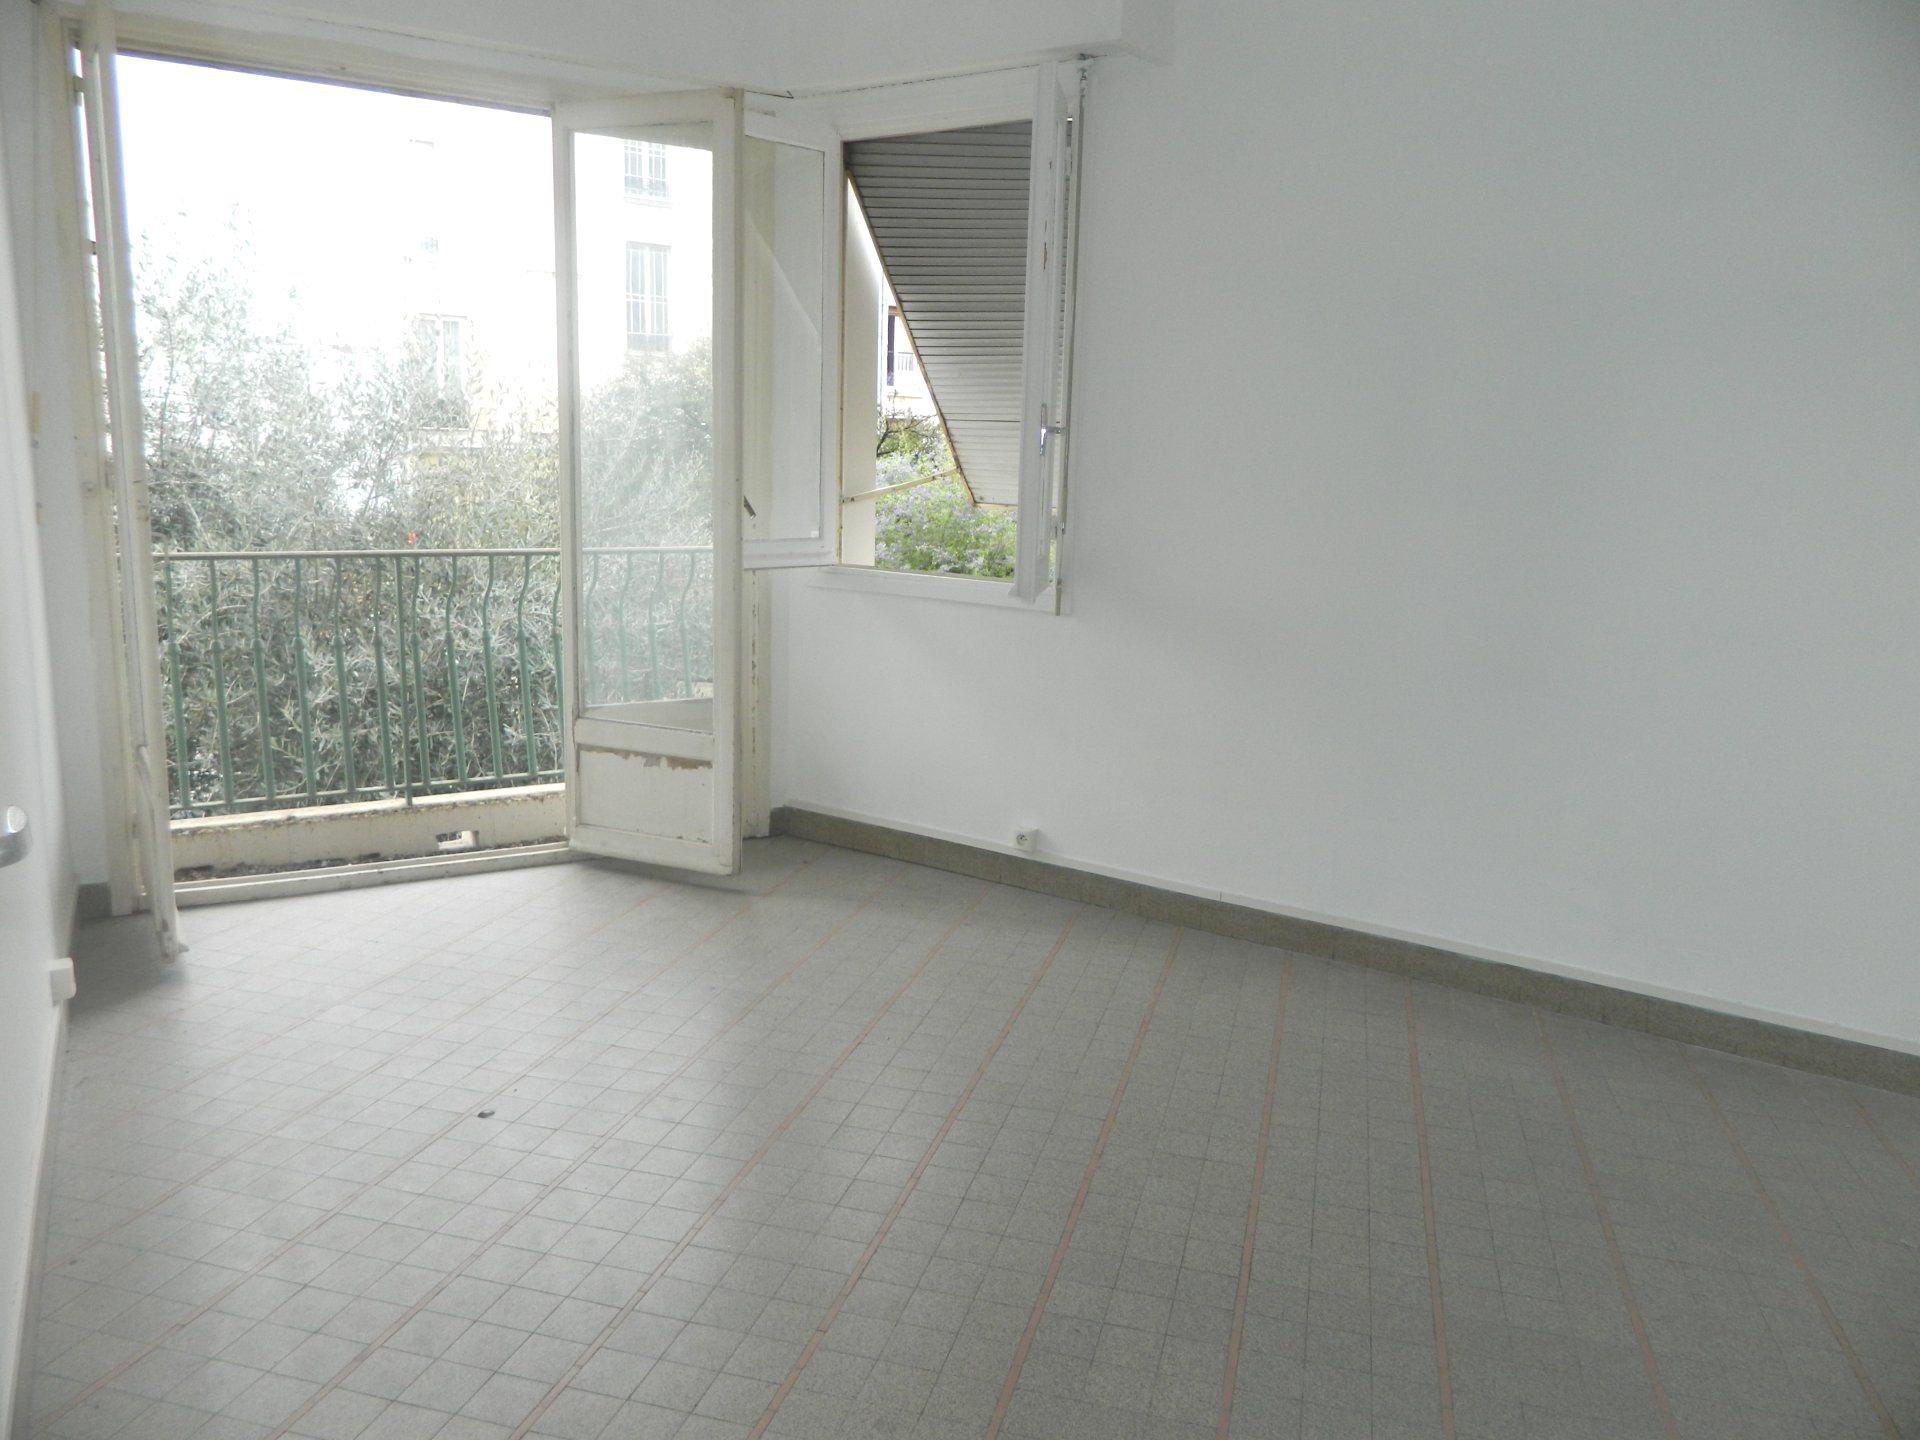 ALPES MARITIMES (06) - NICE - BAS PARC IMPERIAL - VENTE 2 PIECES 40 m2